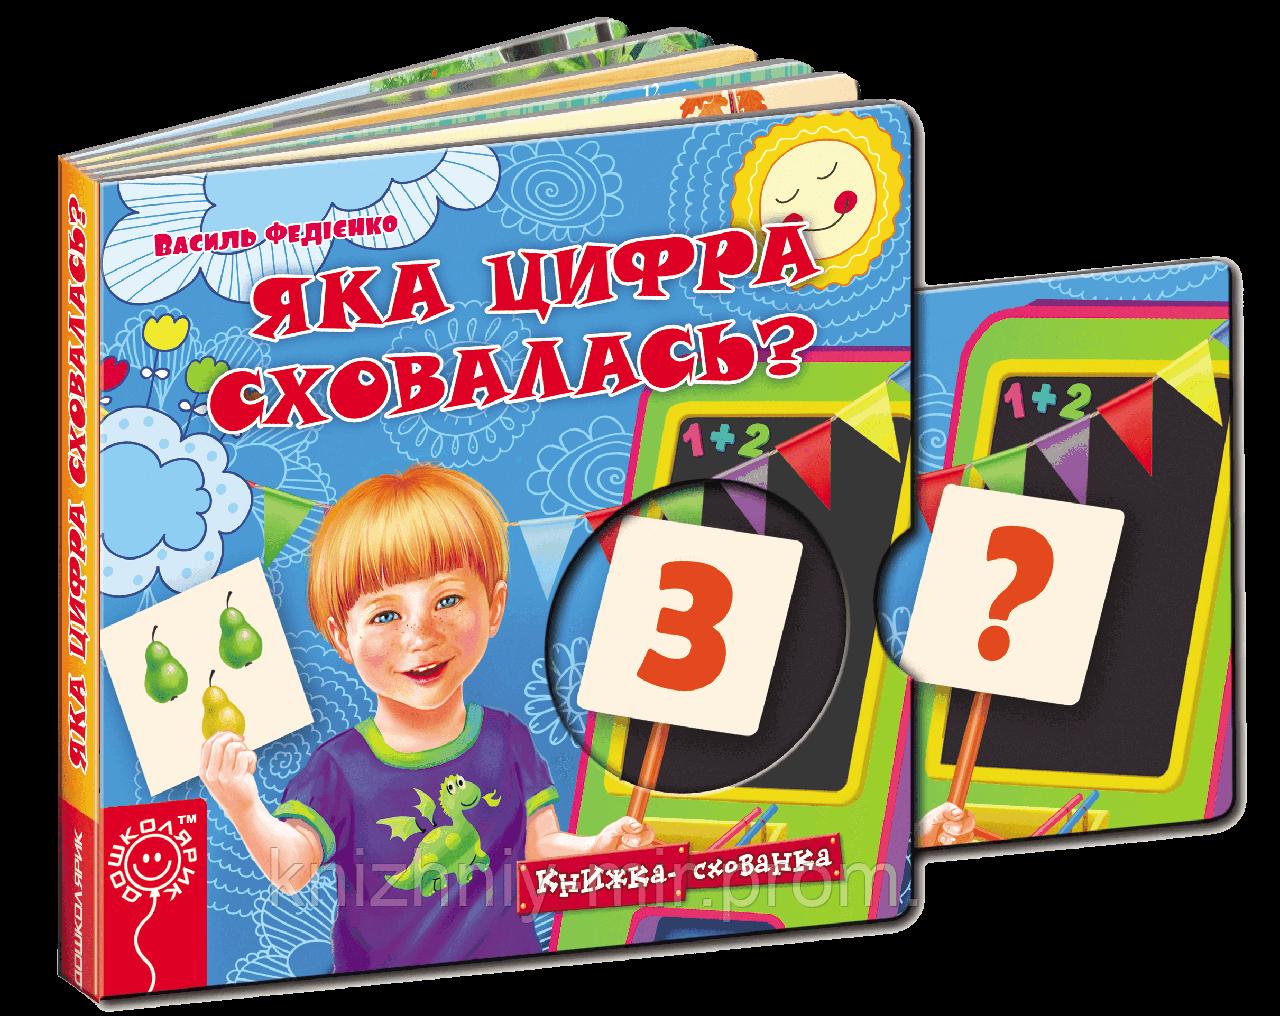 Розвивальні книжки на картоні Яка цифра сховалась?